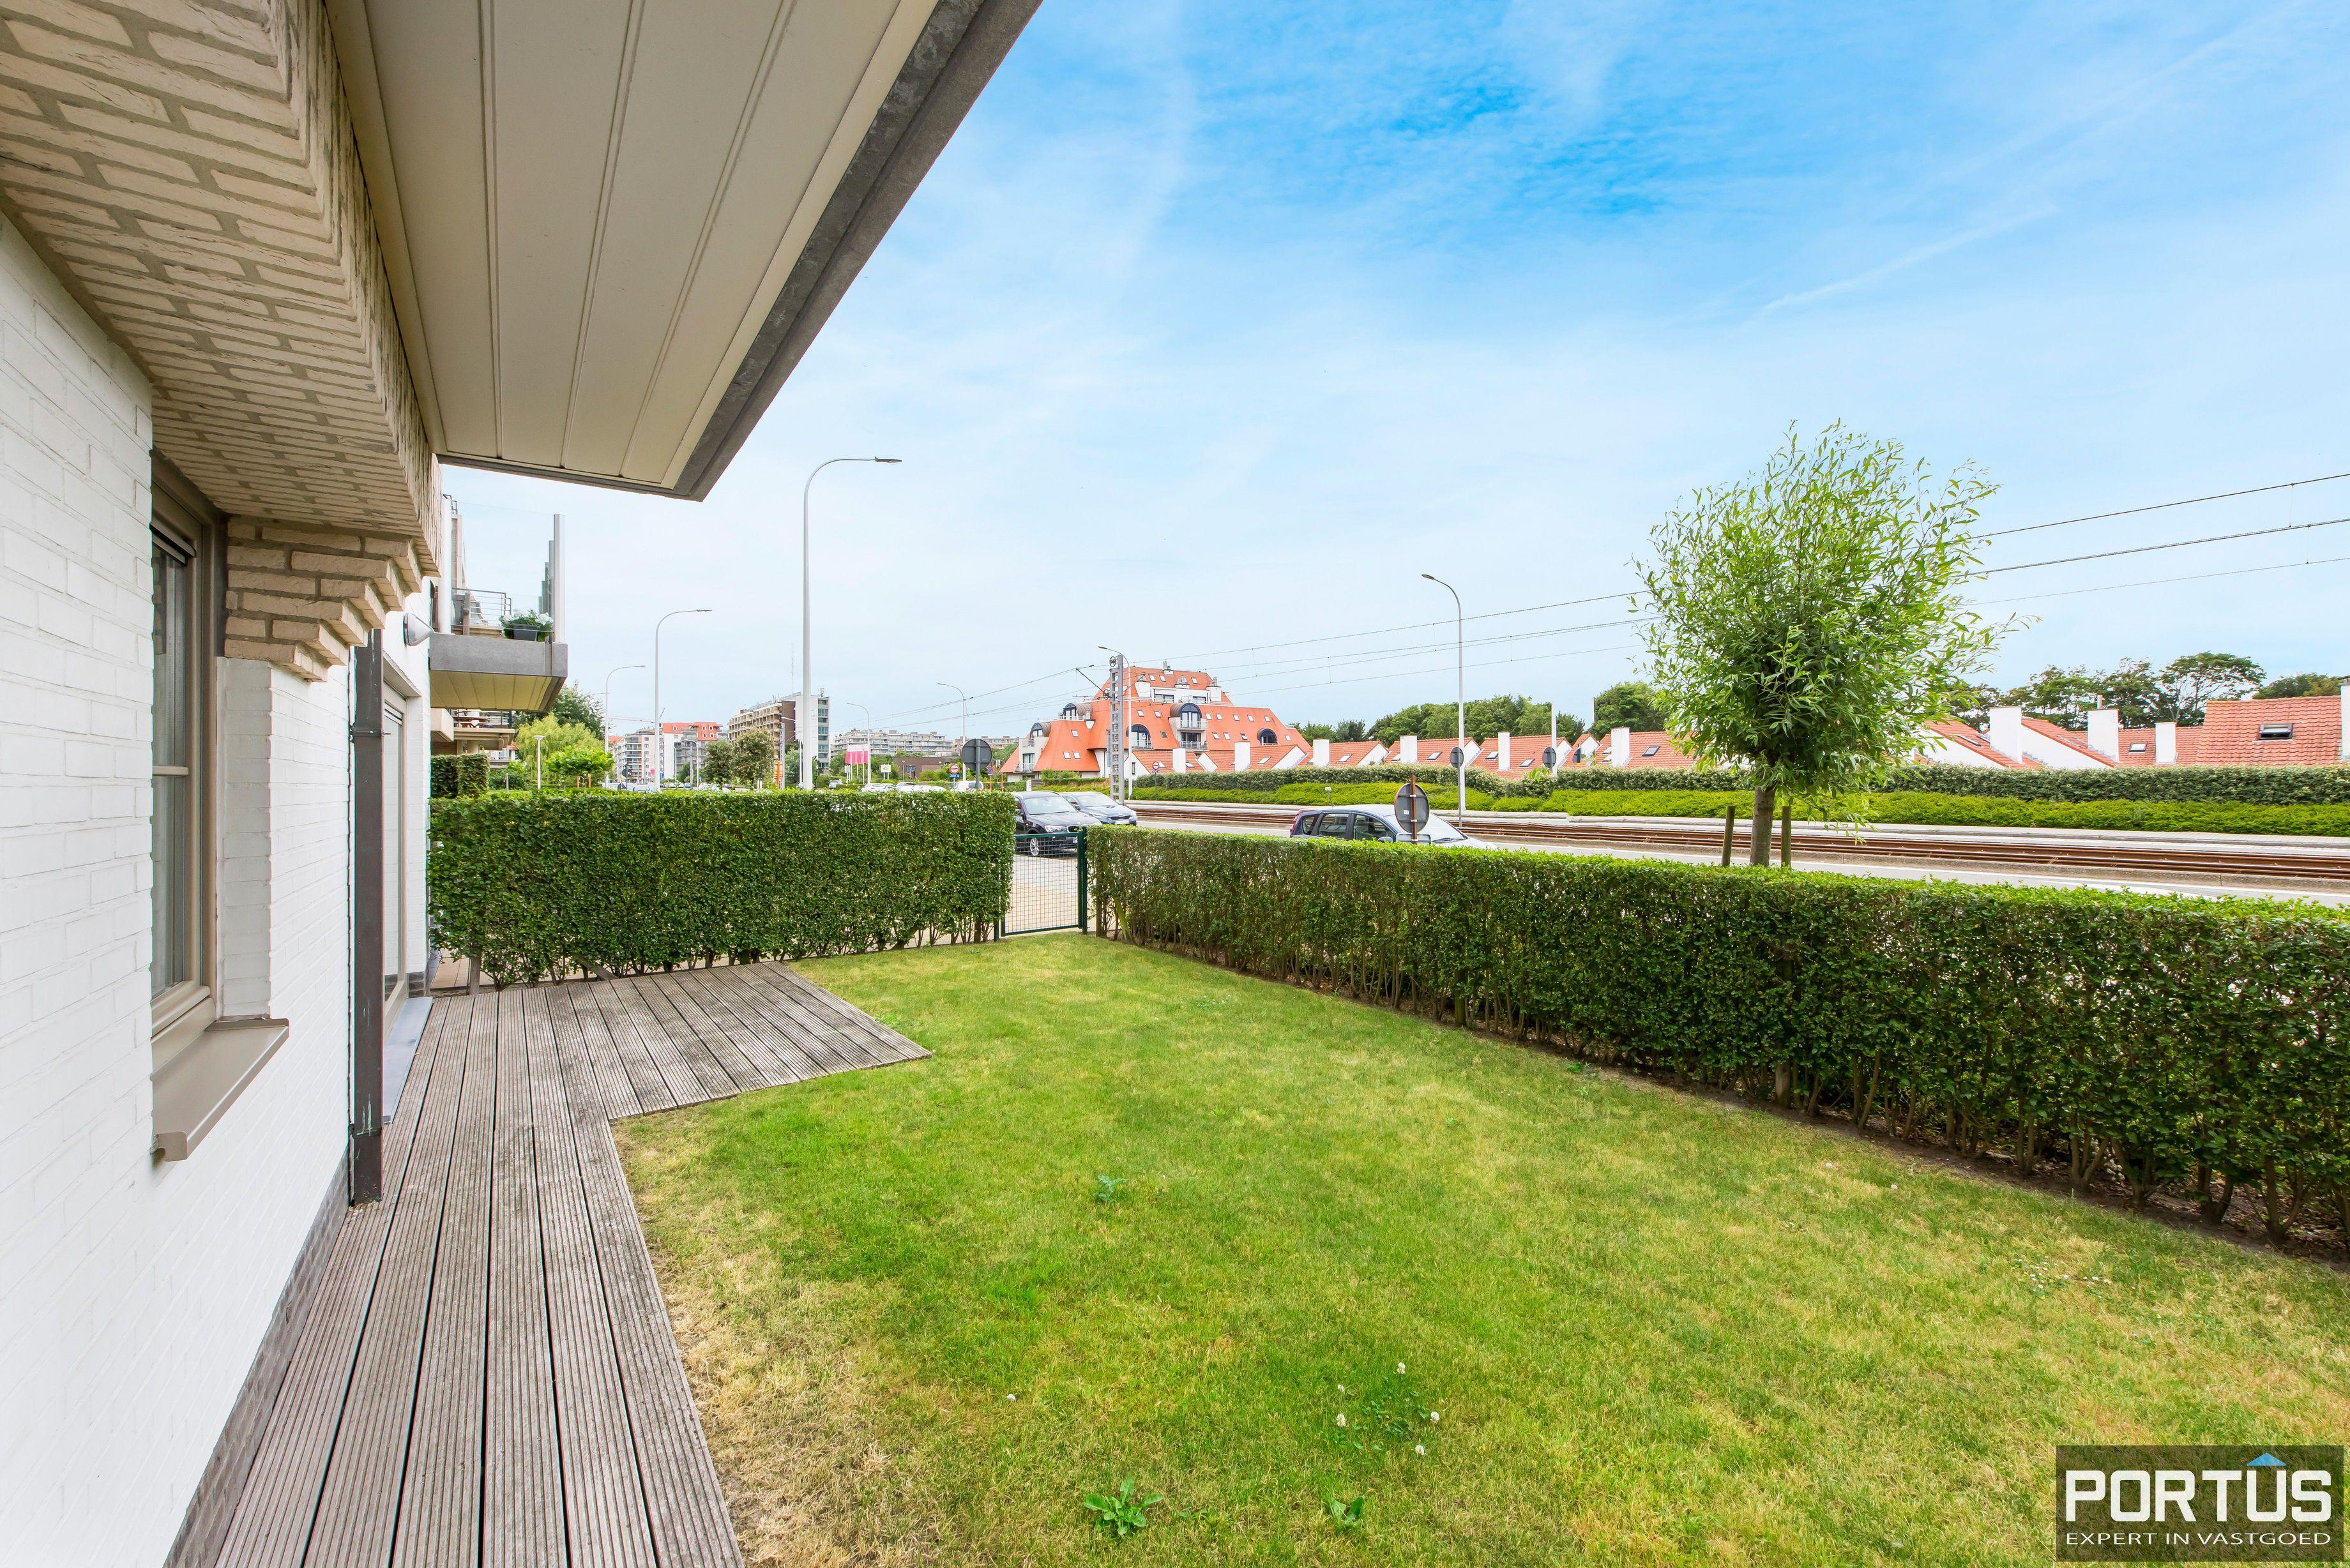 Gelijkvloers appartement te koop met 2 slaapkamers en privé tuin